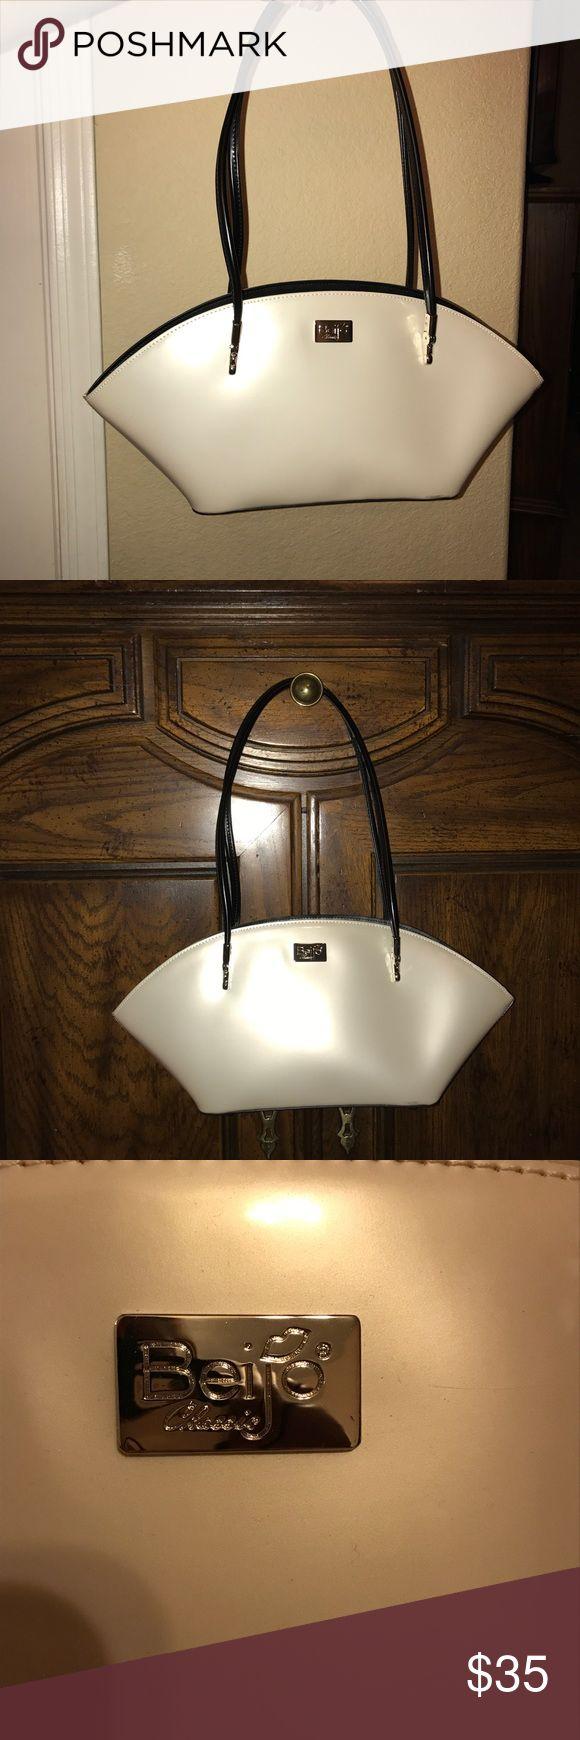 Beijo Bag Cream colored Beijo handbag. Never been used! beijo Bags Shoulder Bags